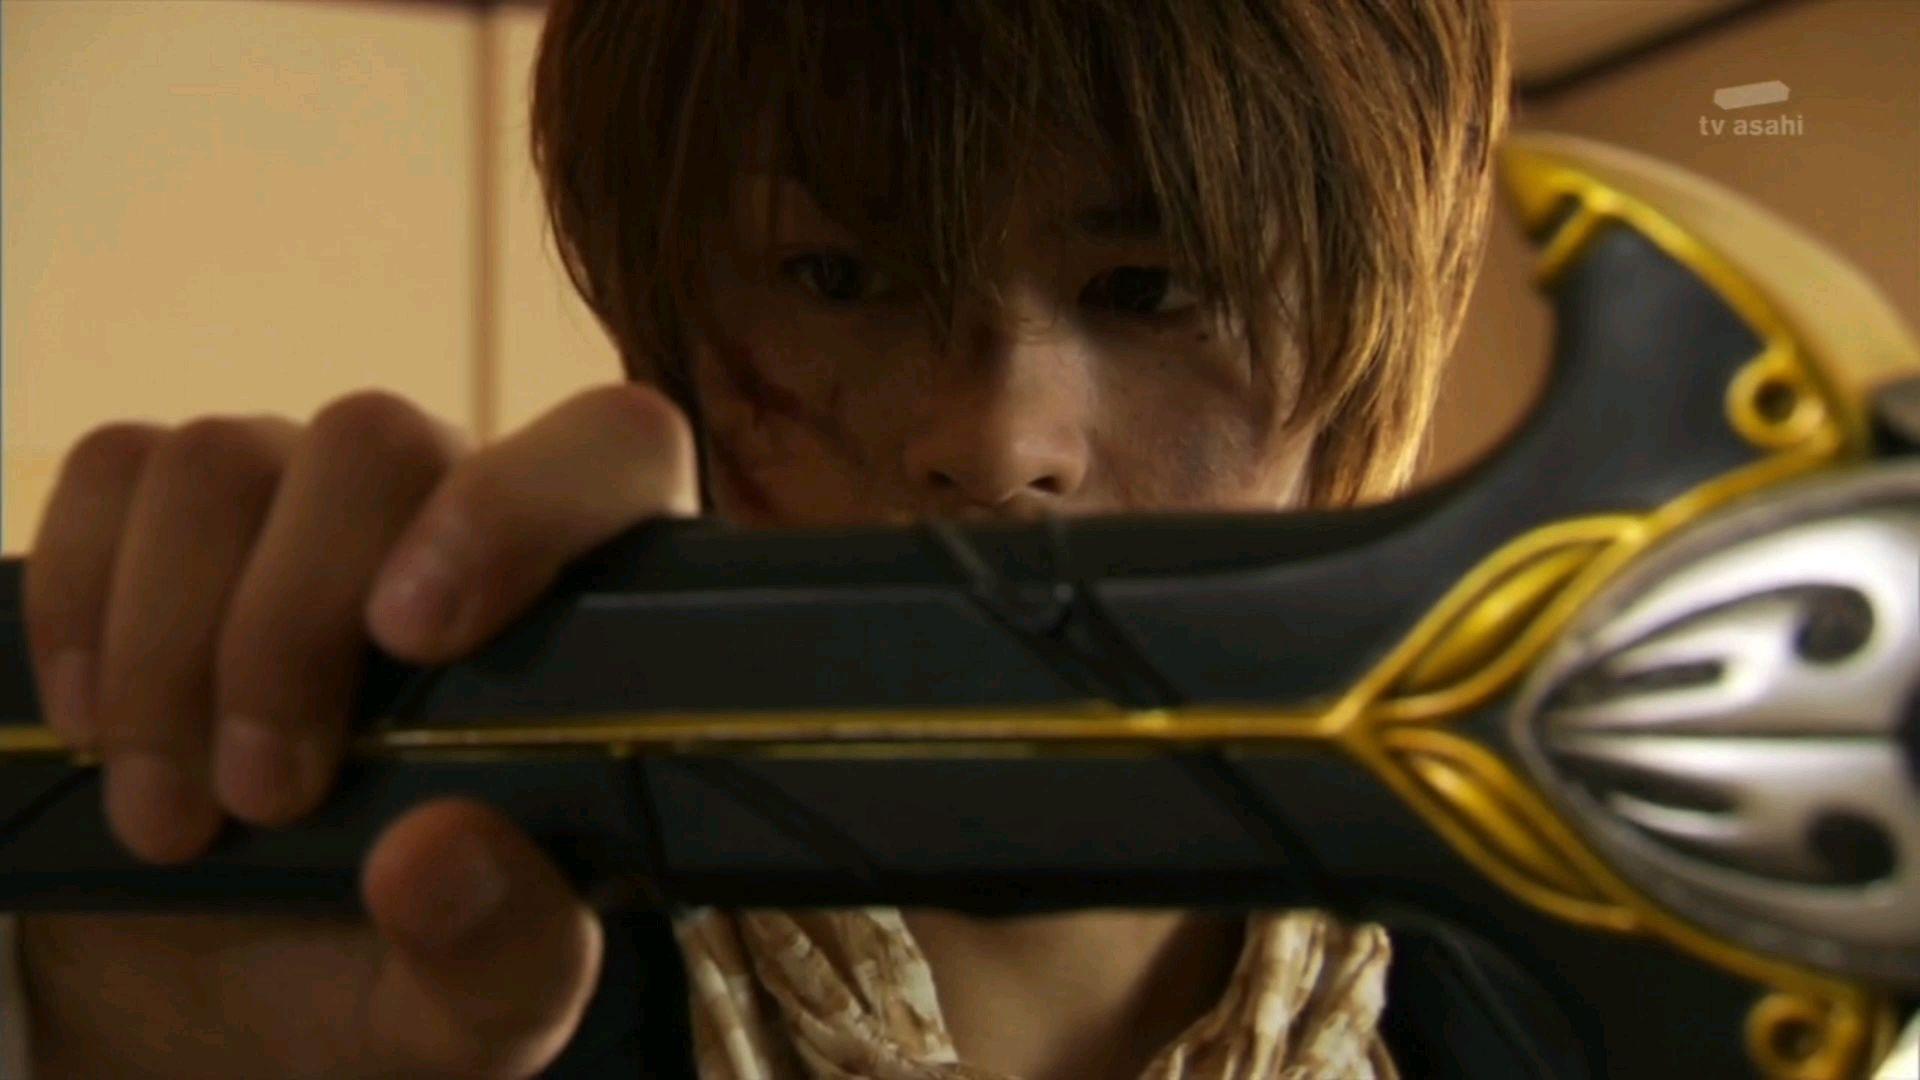 【假面骑士/Kiva篇】Zanvat Sword初战